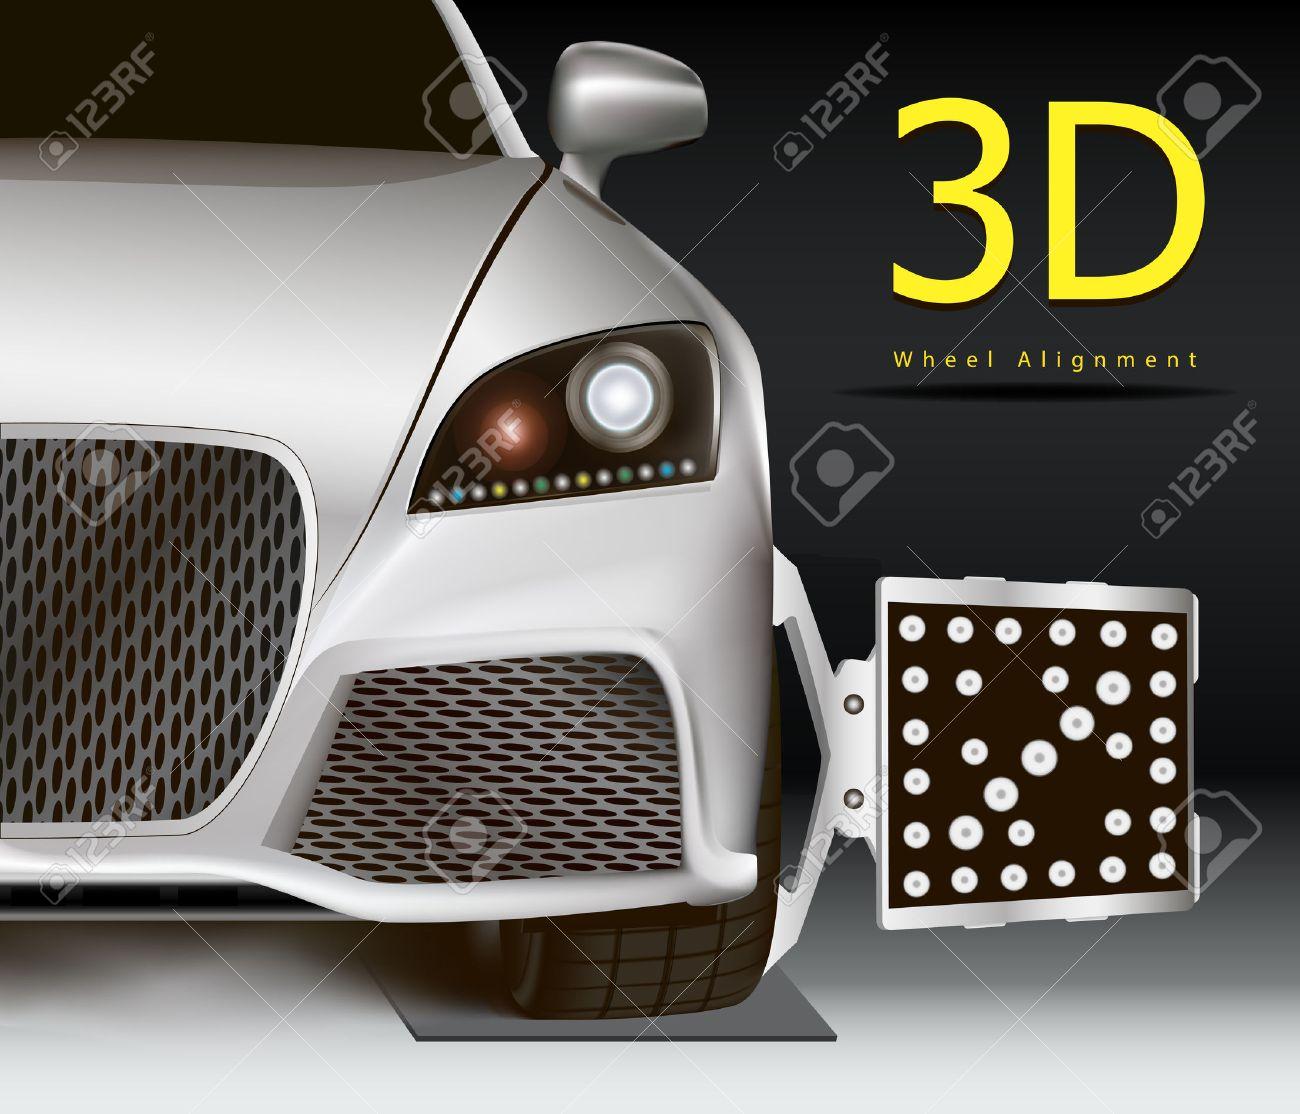 Image-Werbung Für Die 3D-Achsvermessung-Service. Modernen Auto Mit ...